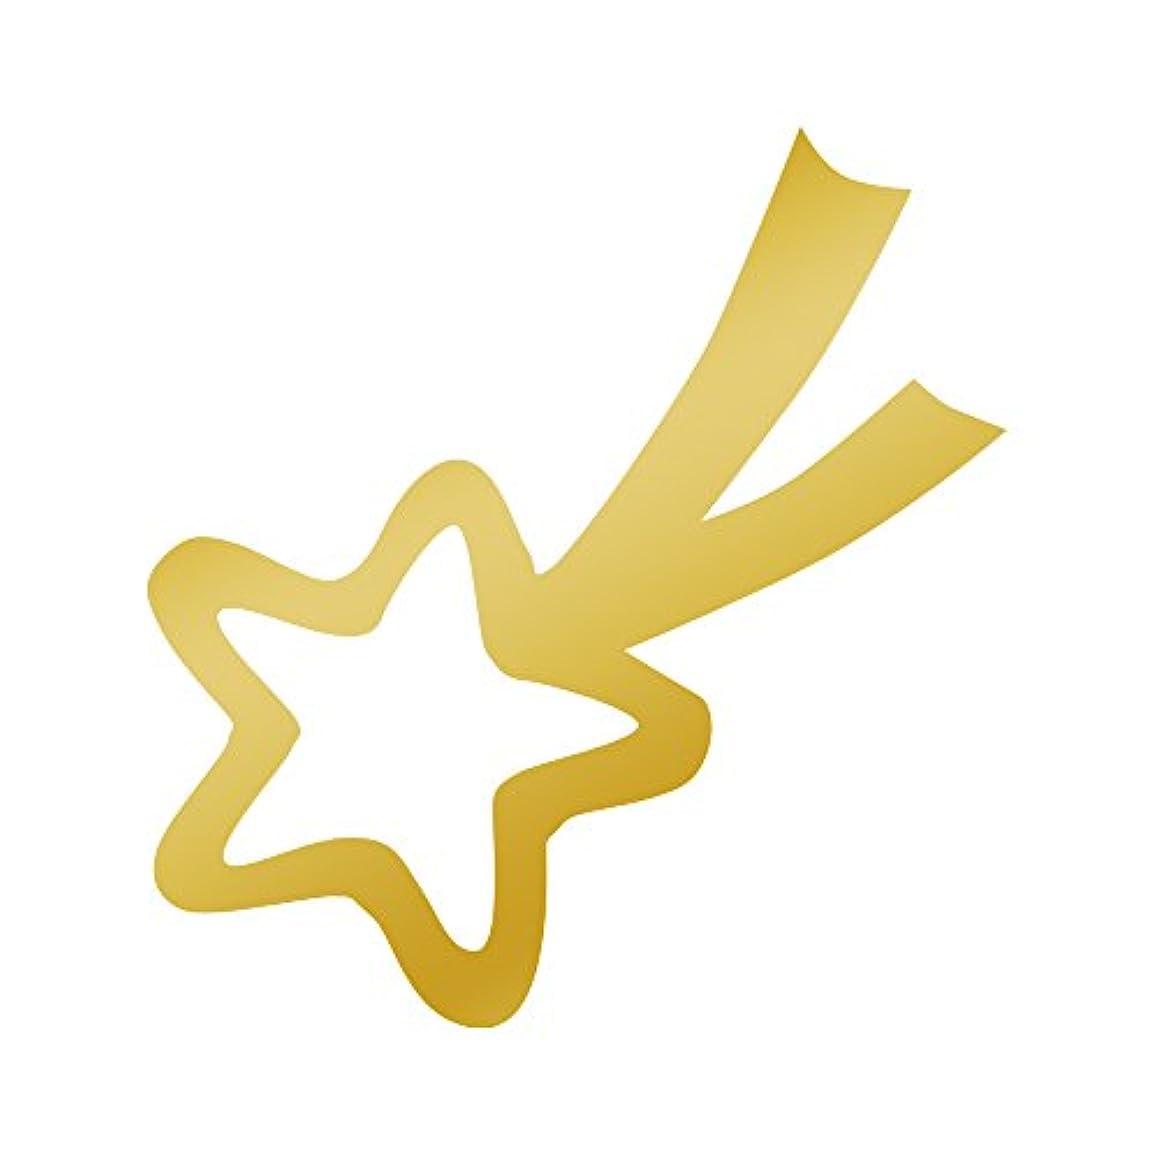 コンテンポラリー言い直すバルセロナリトルプリティー ネイルアートパーツ 流れ星 S ゴールド 10個